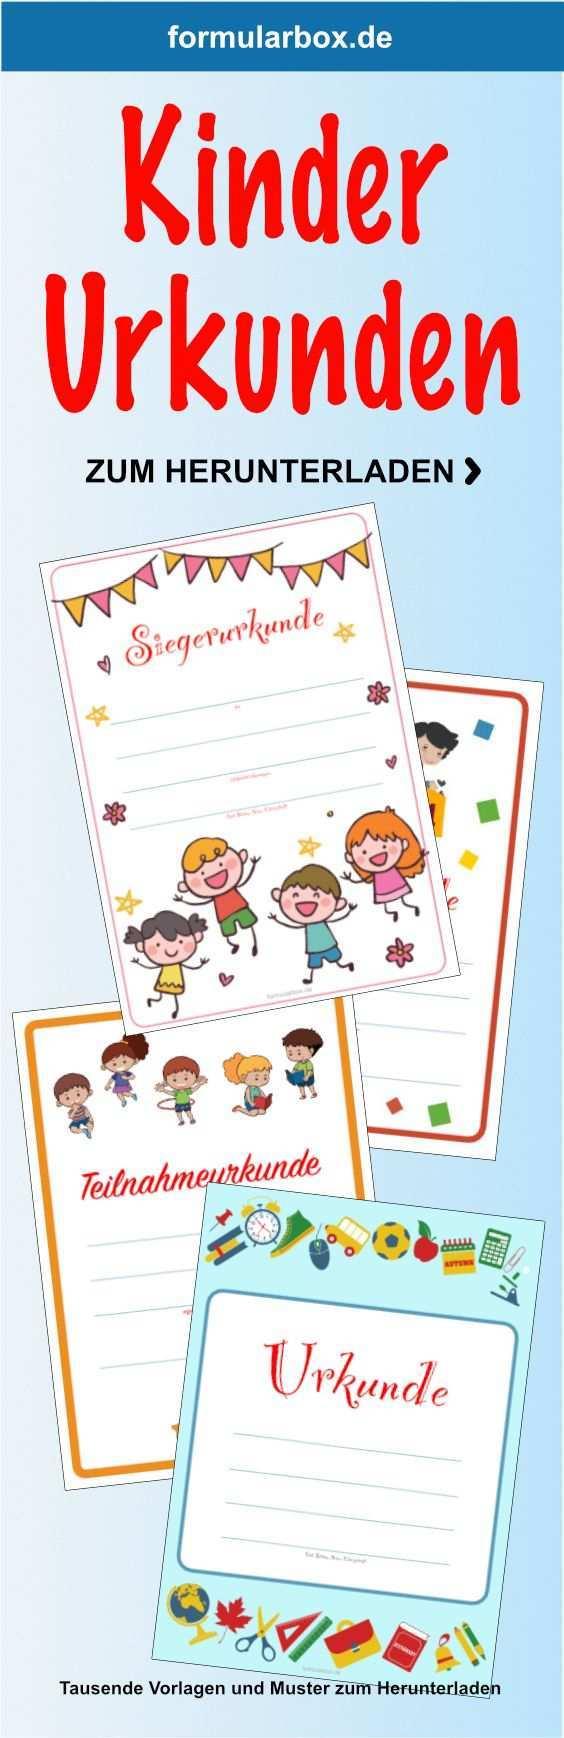 Kinder Urkunden Zum Ausdrucken Urkunden Zum Ausdrucken Urkunde Tagesplane Fur Kinder